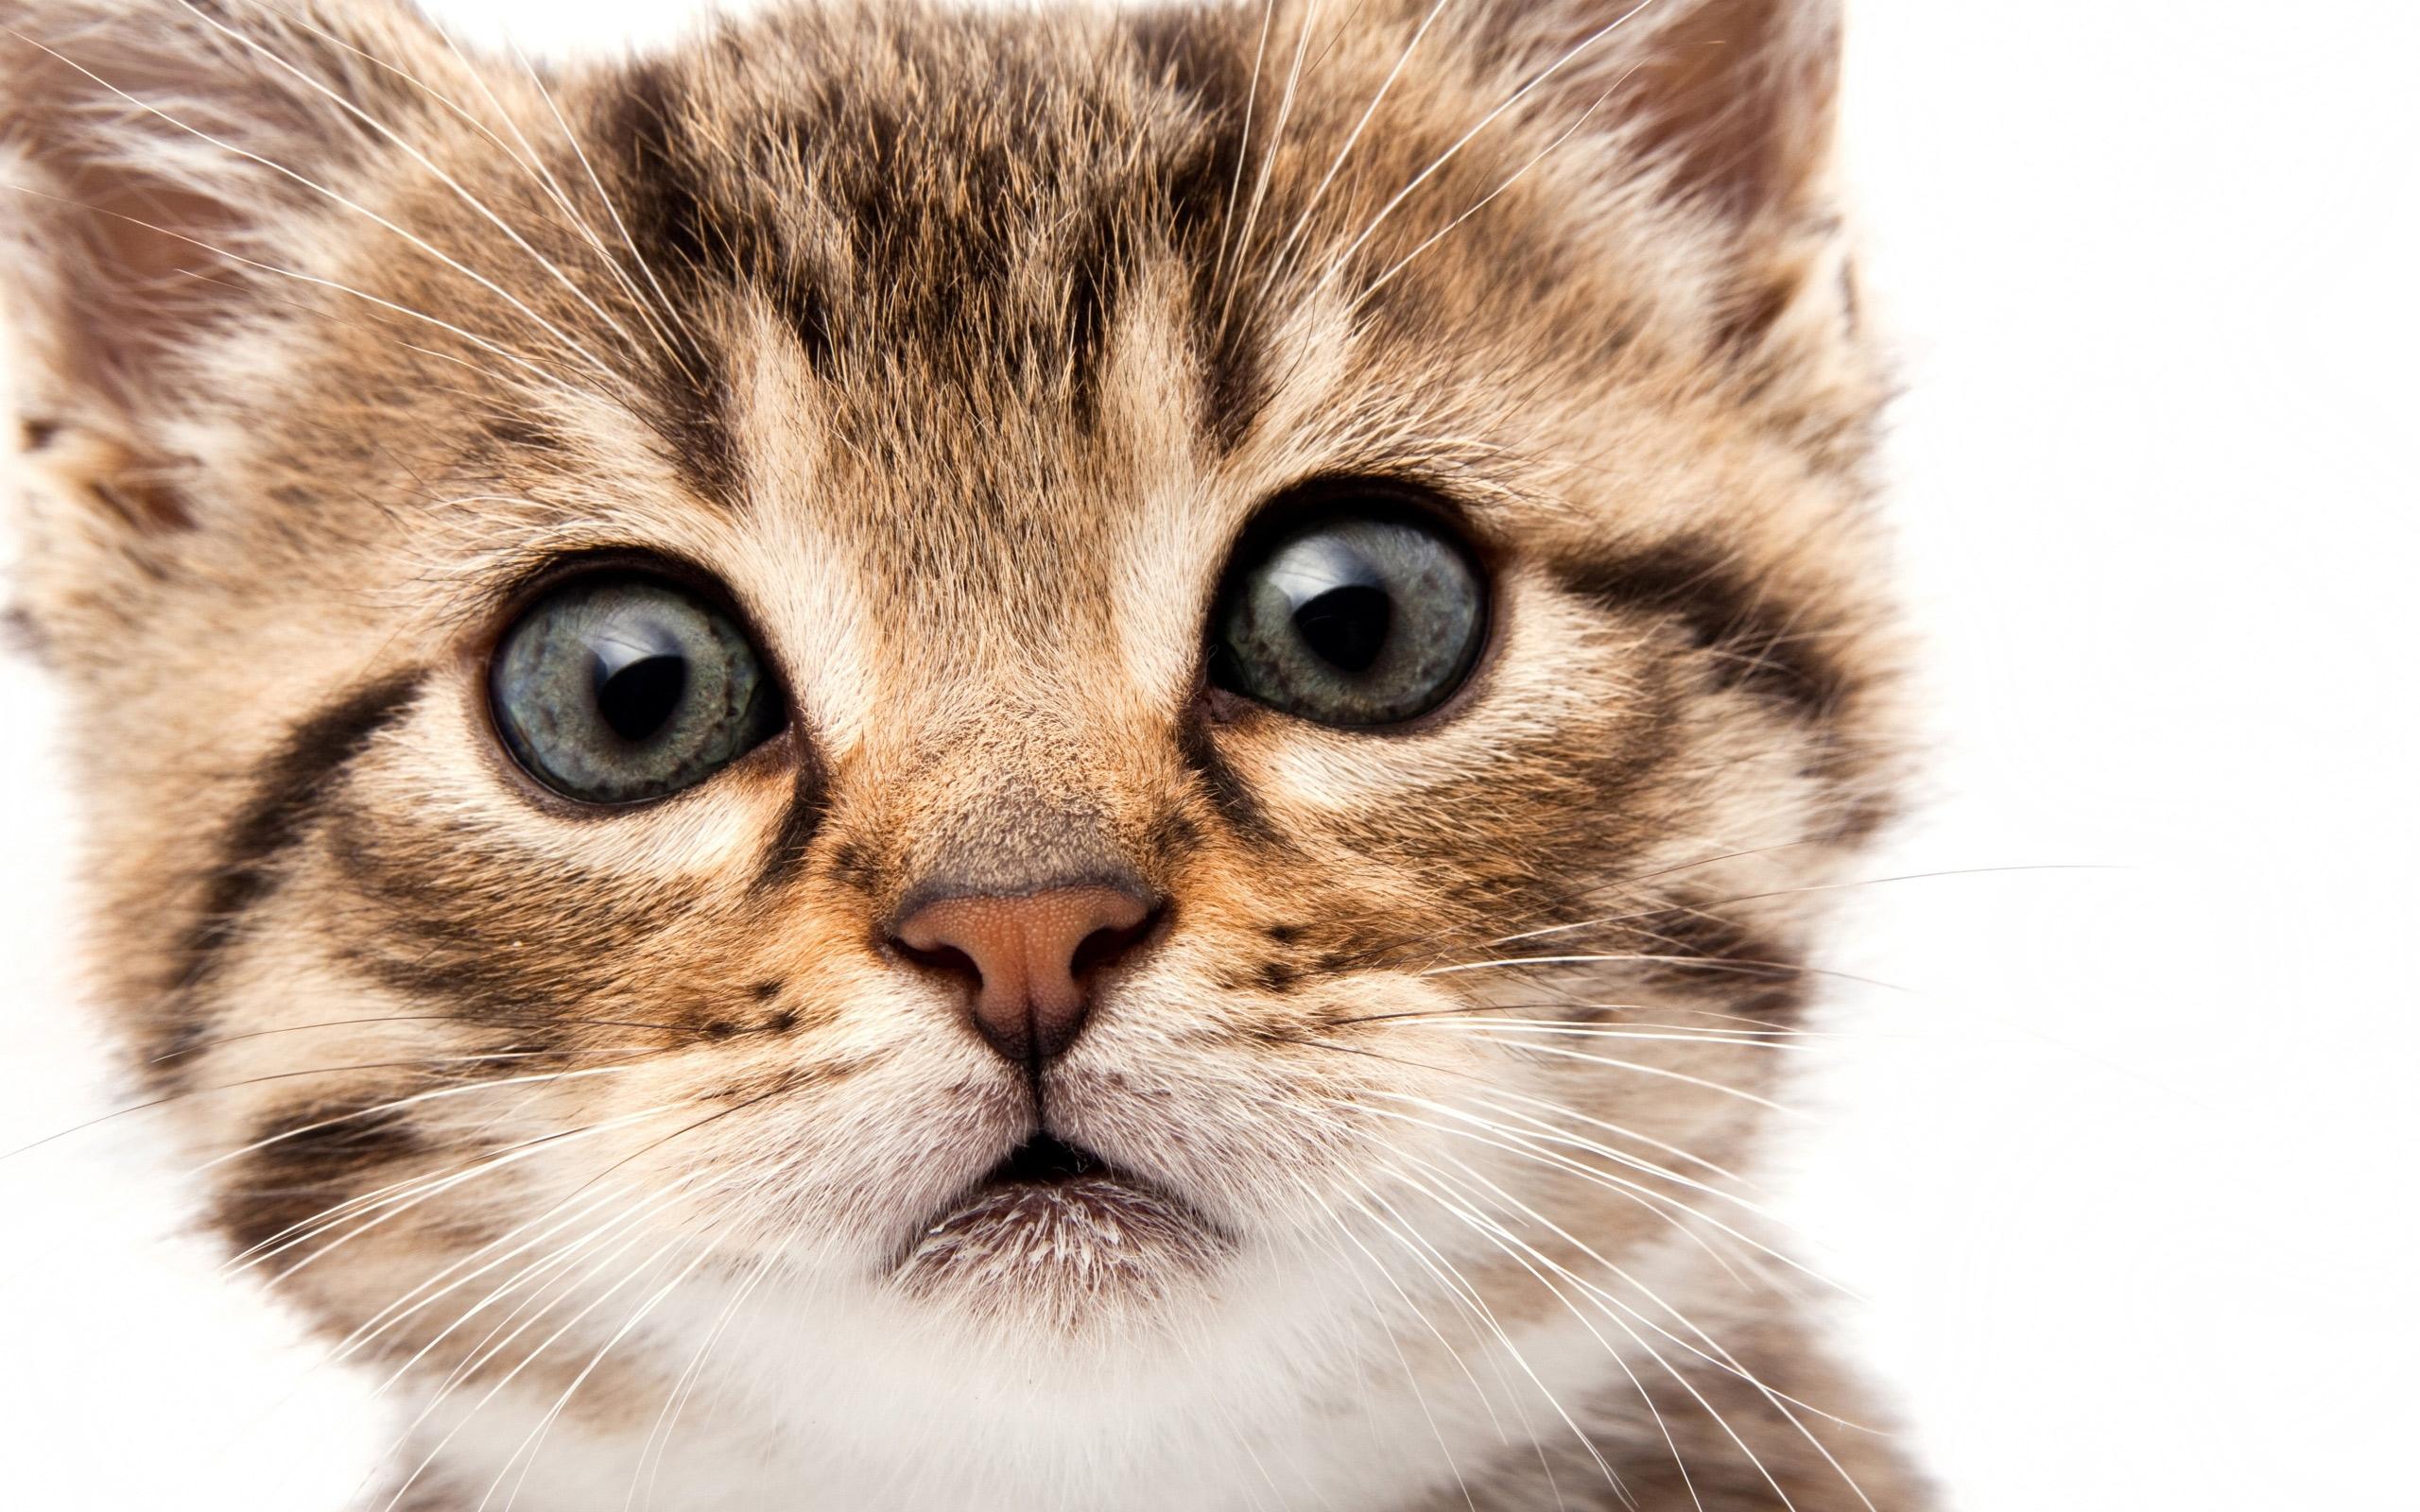 Скачать бесплатно картинки котят на телефон   лучшие заставки (2)